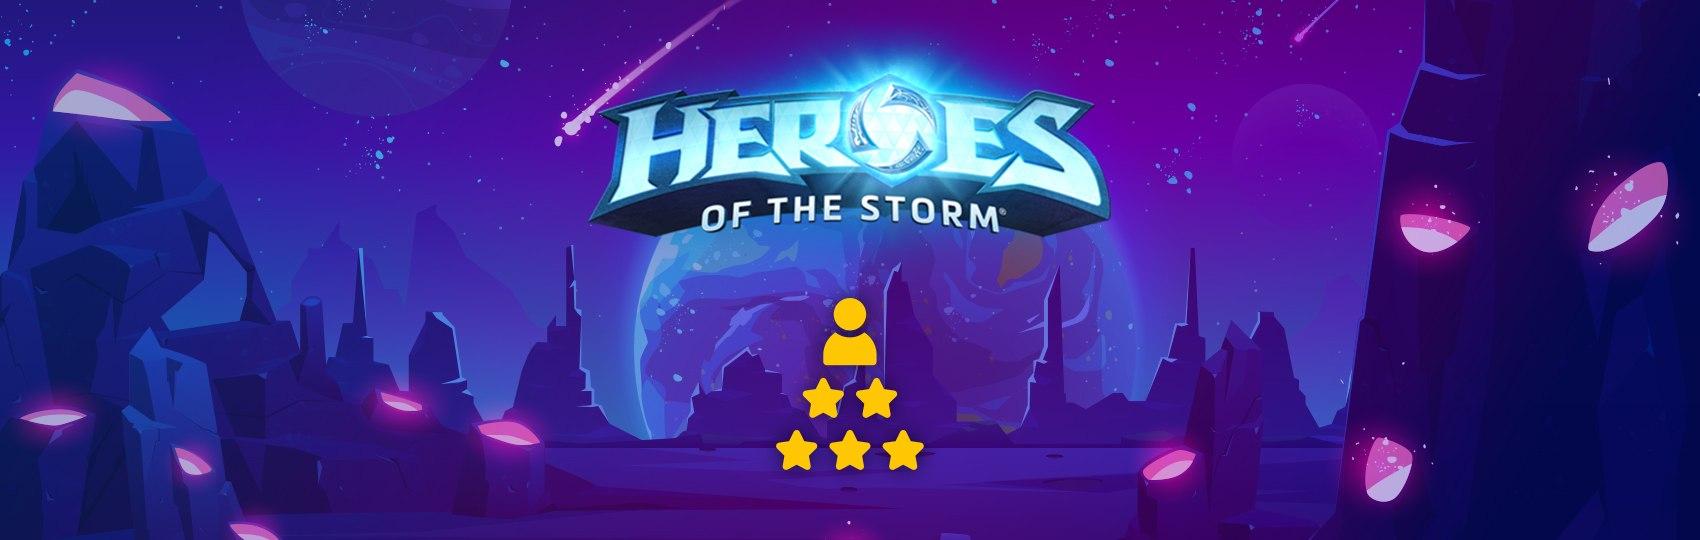 Top 5 Best Heroes in HotS